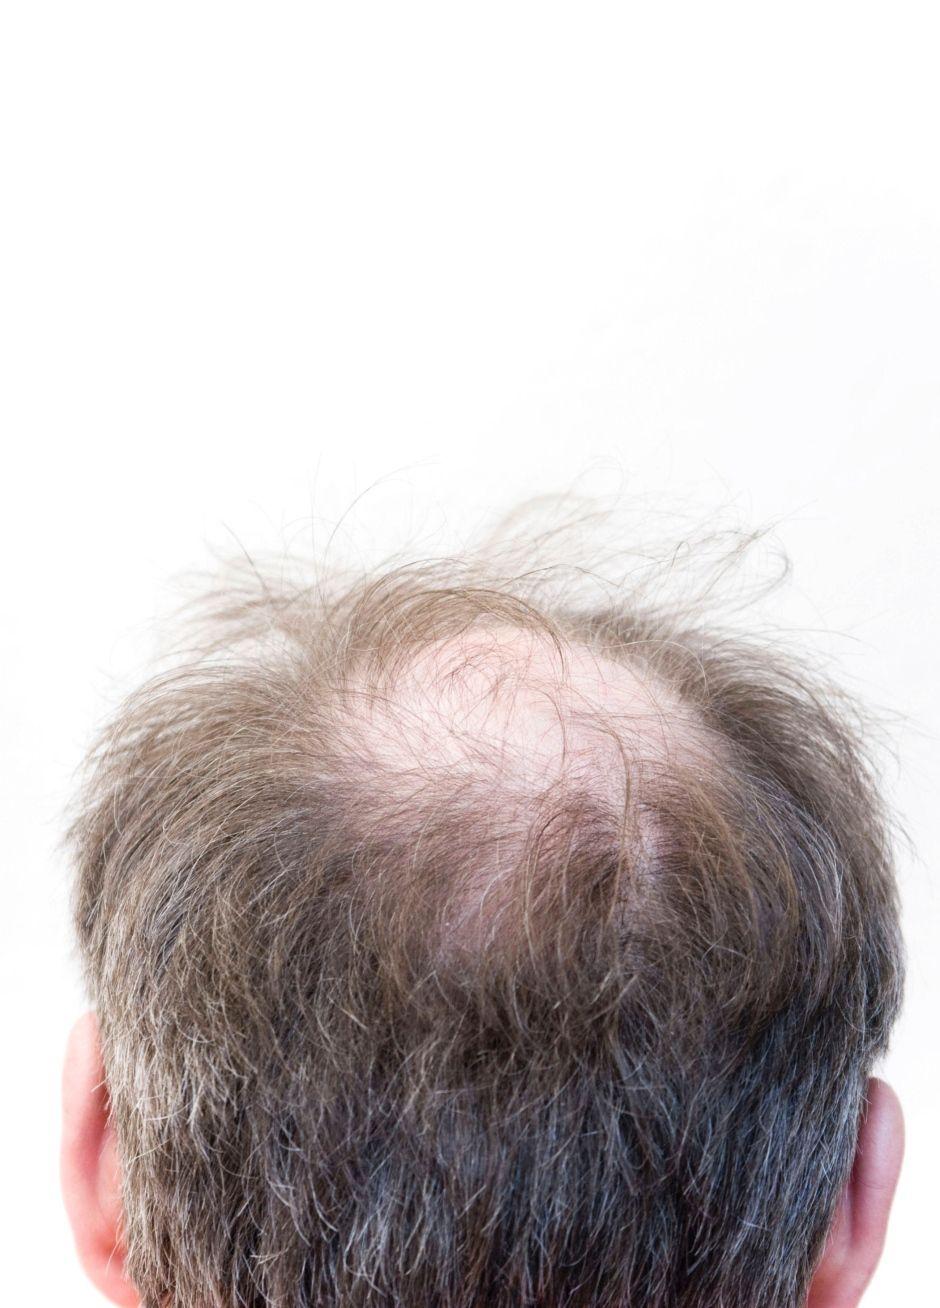 e0e9957493d Haarausfall ist kein Schicksal mehr